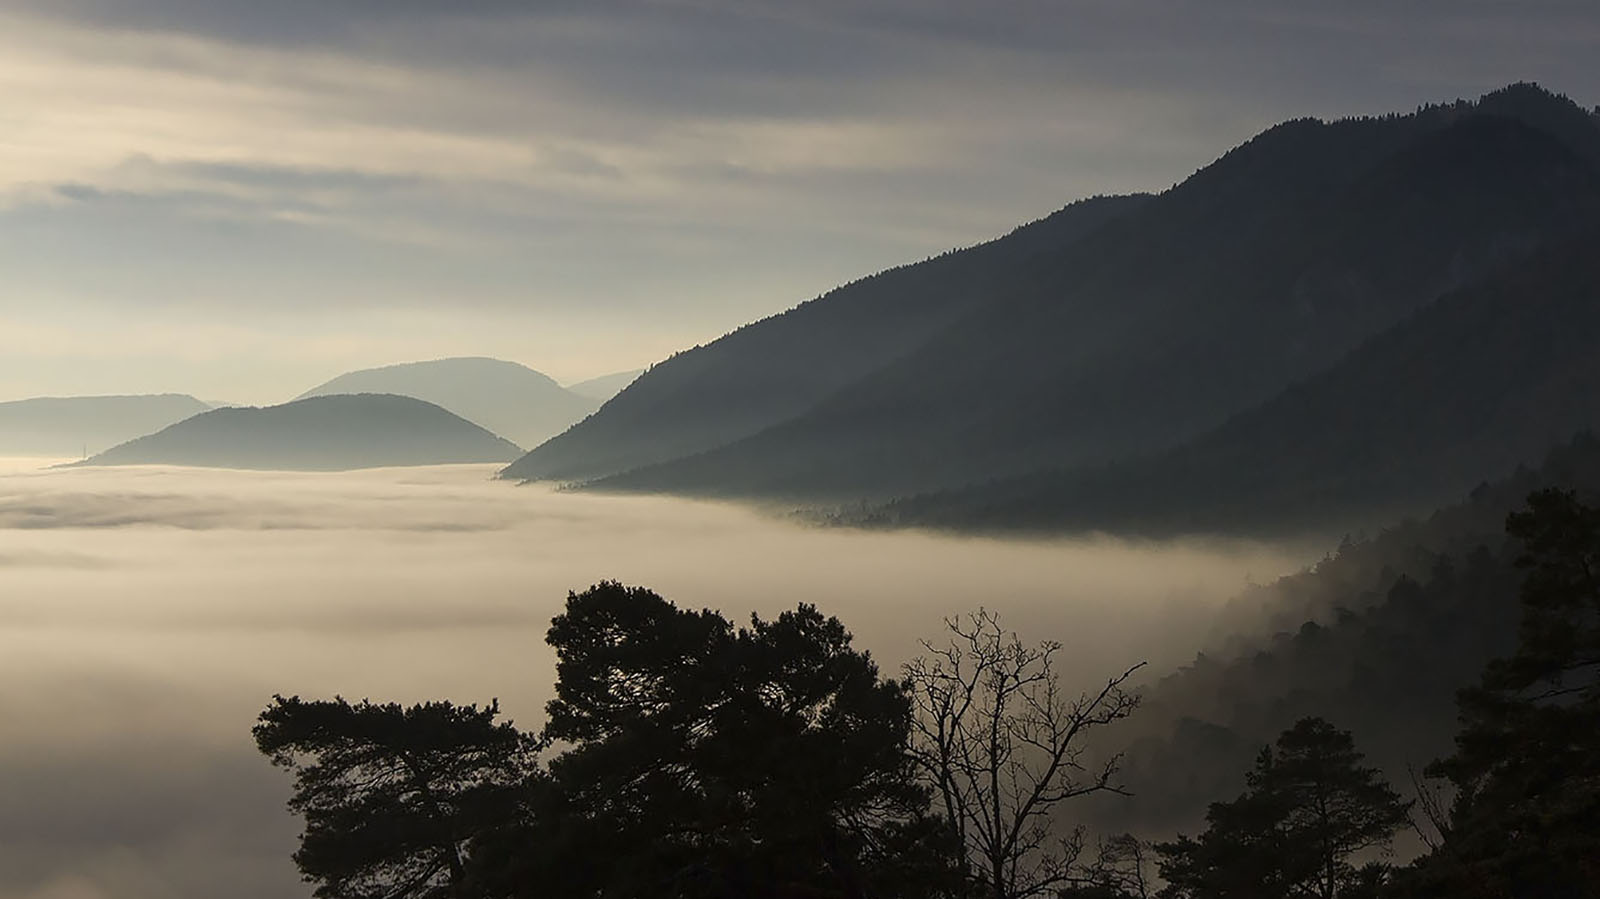 Mit einem Alter von rund 10 Millionen Jahren gilt der  Jura als geologisch junges Gebirge